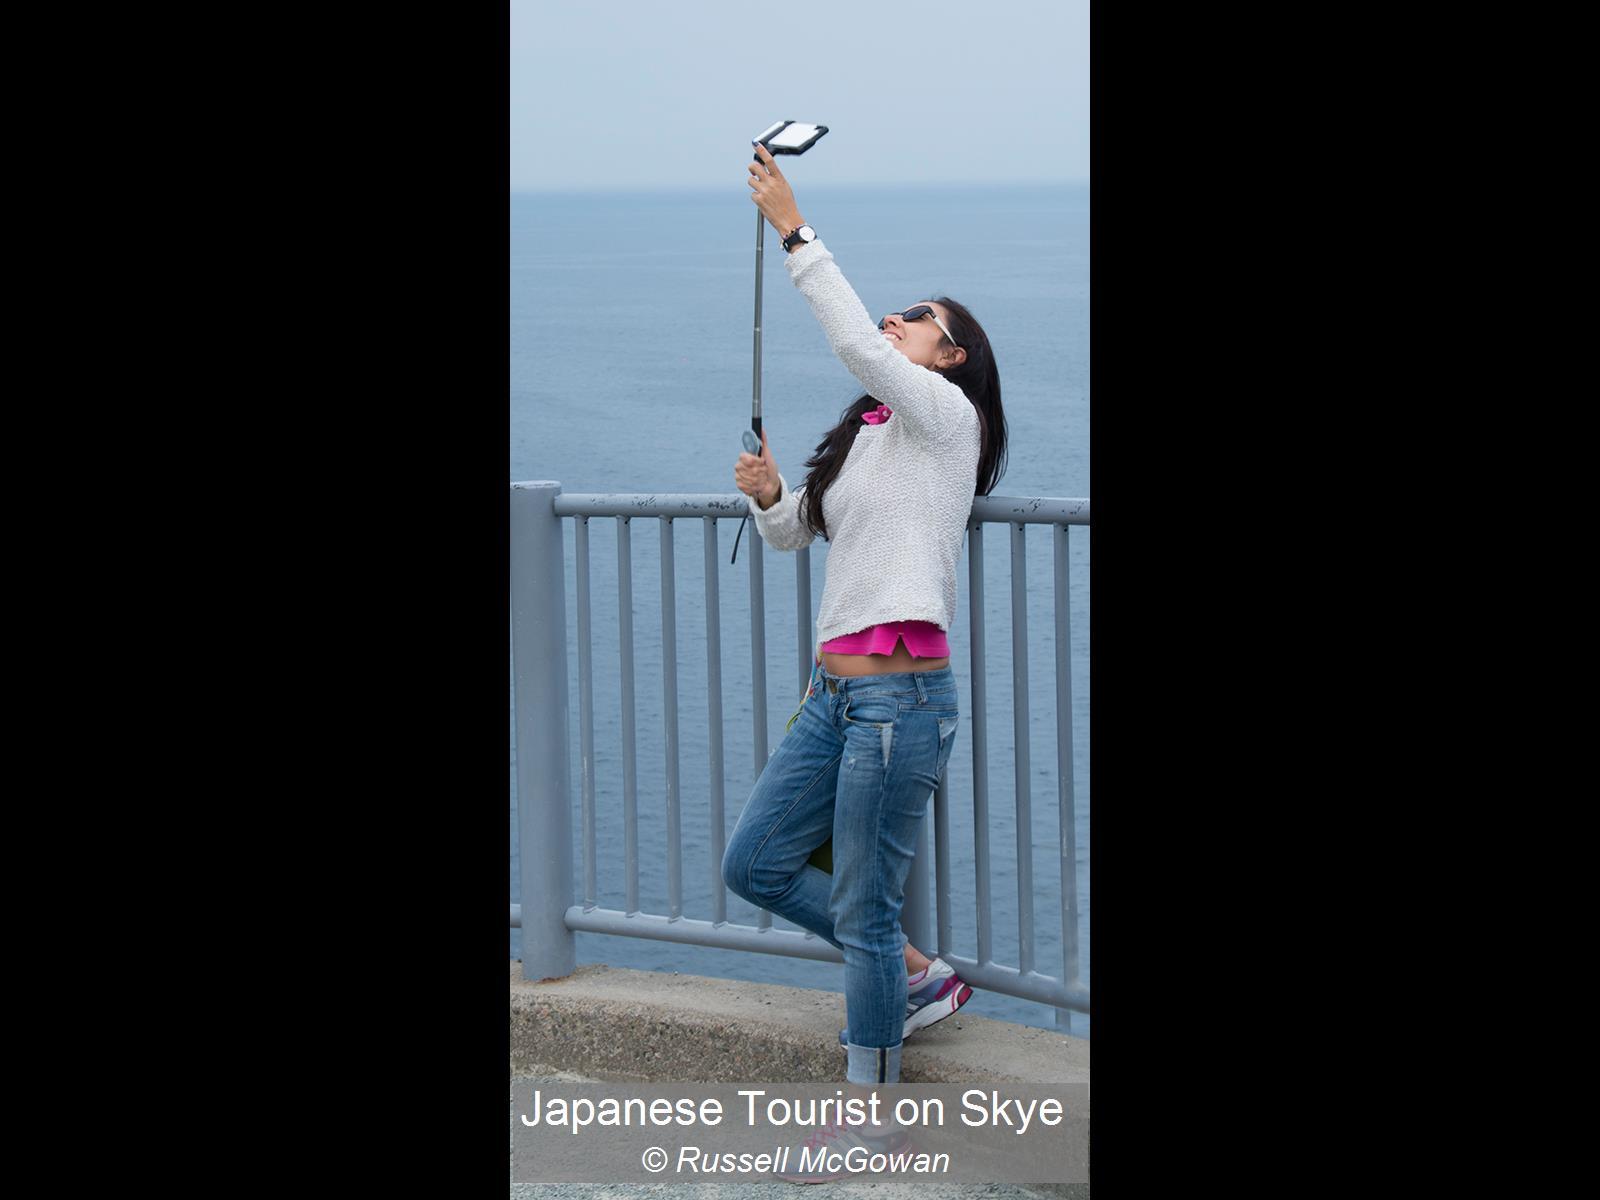 Russell McGowan_Japanese Tourist on Skye